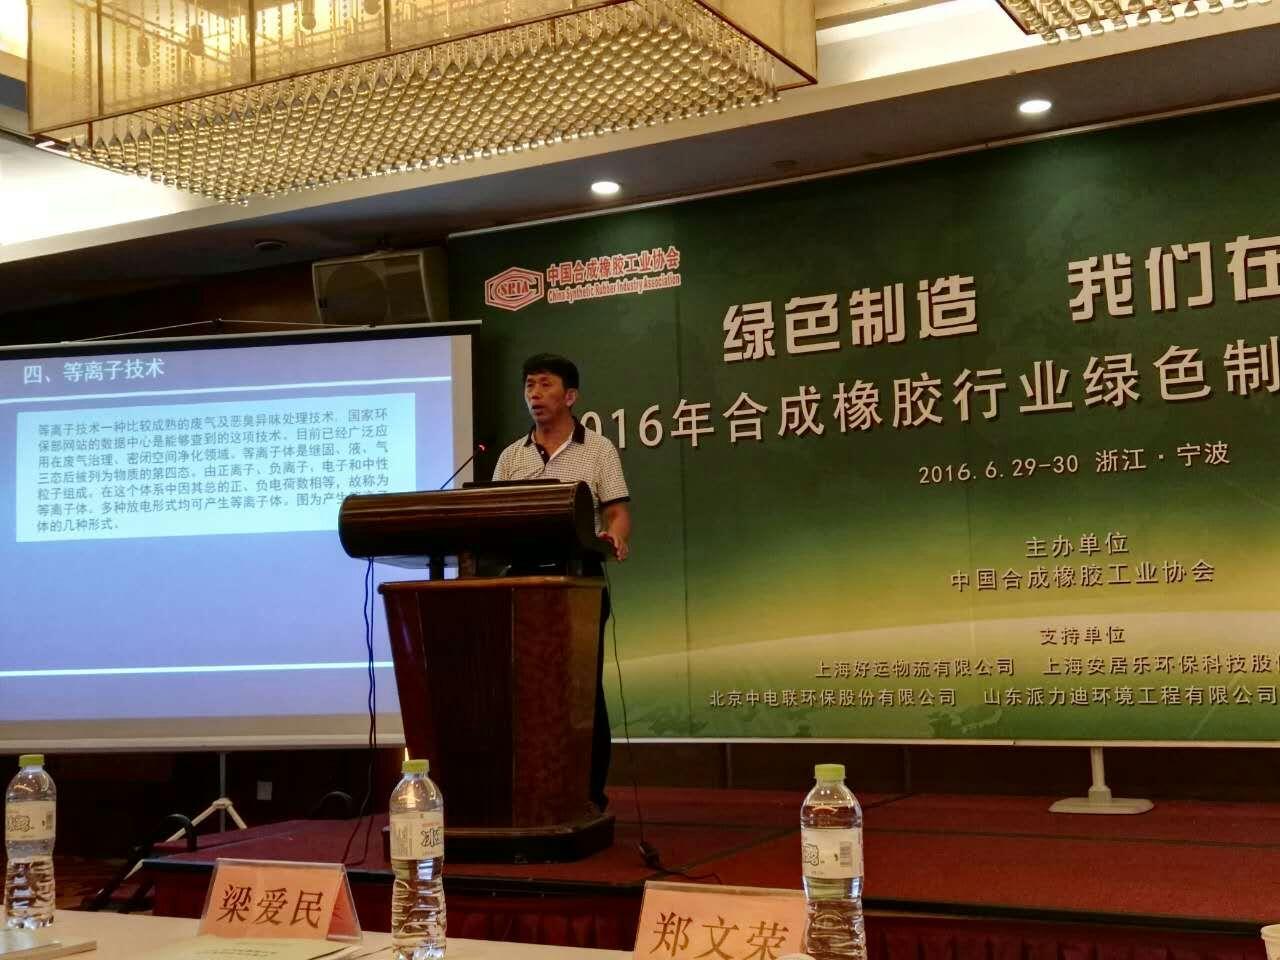 绿色制造 我们在行动——派力迪环保受邀参加中国合成橡胶行业绿色制造技术交流会